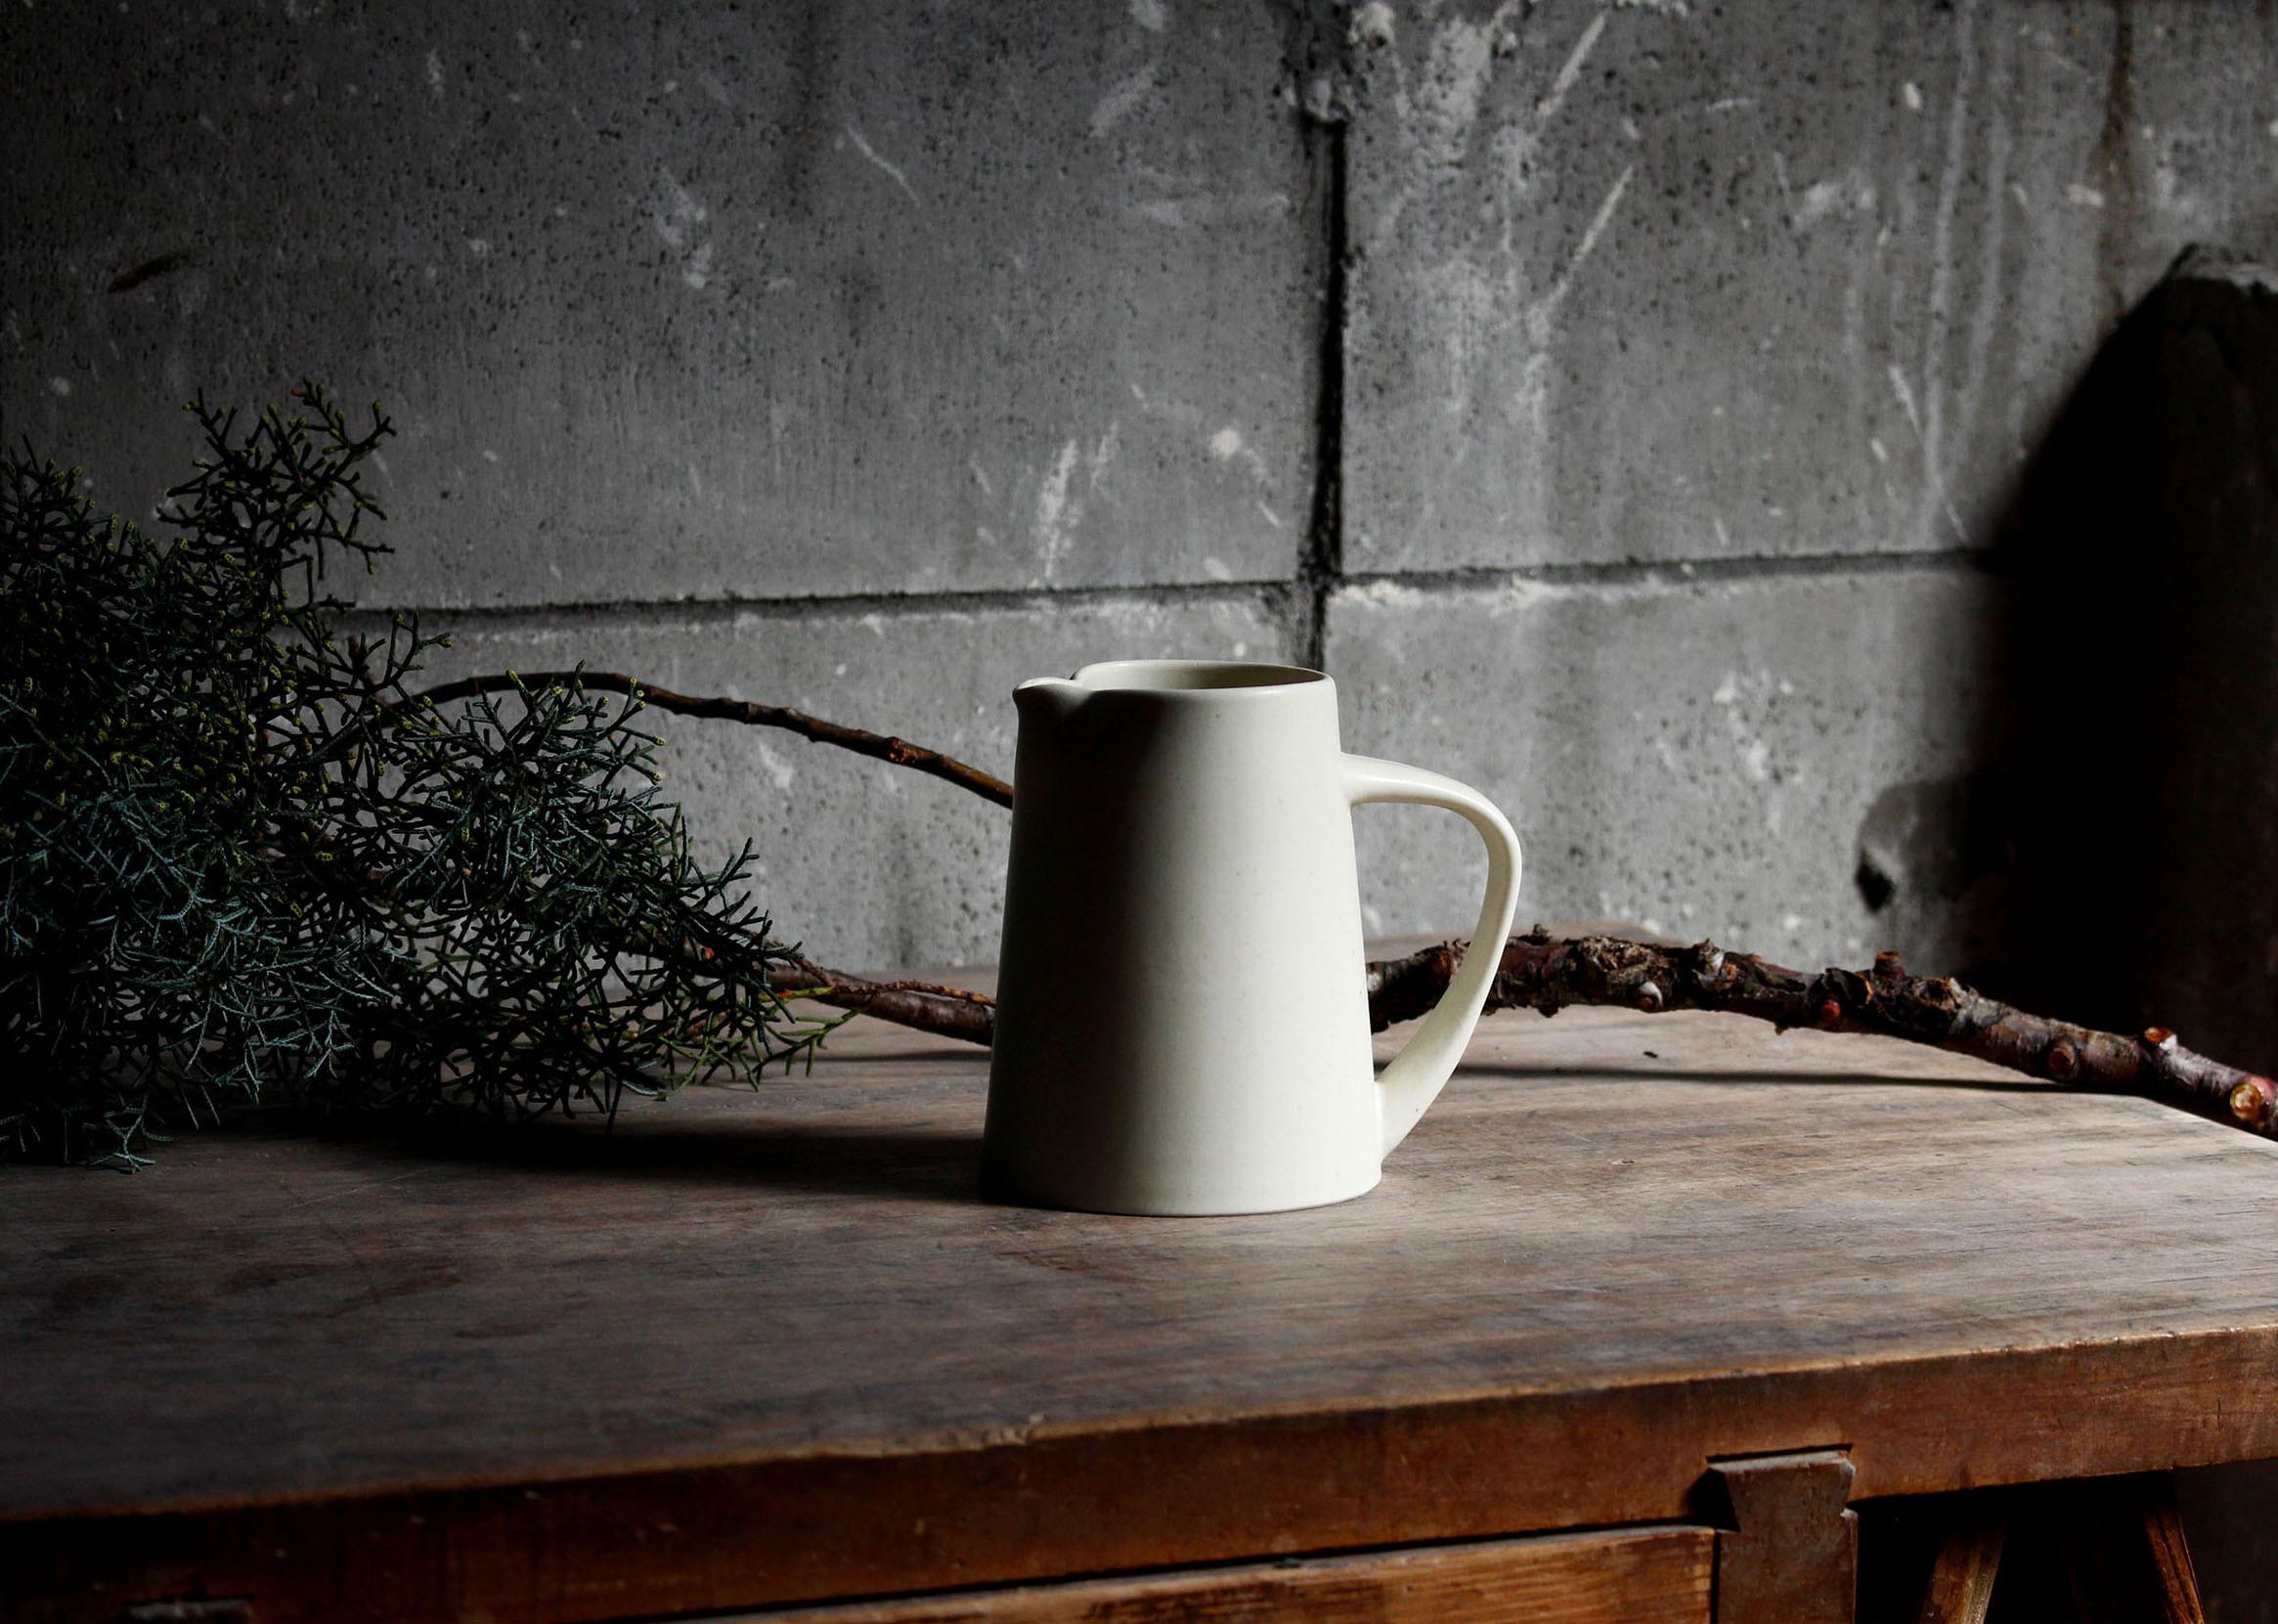 kaneaki-sakai-pottery%e3%81%ae%e8%94%b5%e5%87%ba%e3%81%97%e4%bd%99%e7%99%bd%e3%81%aa%e3%81%97